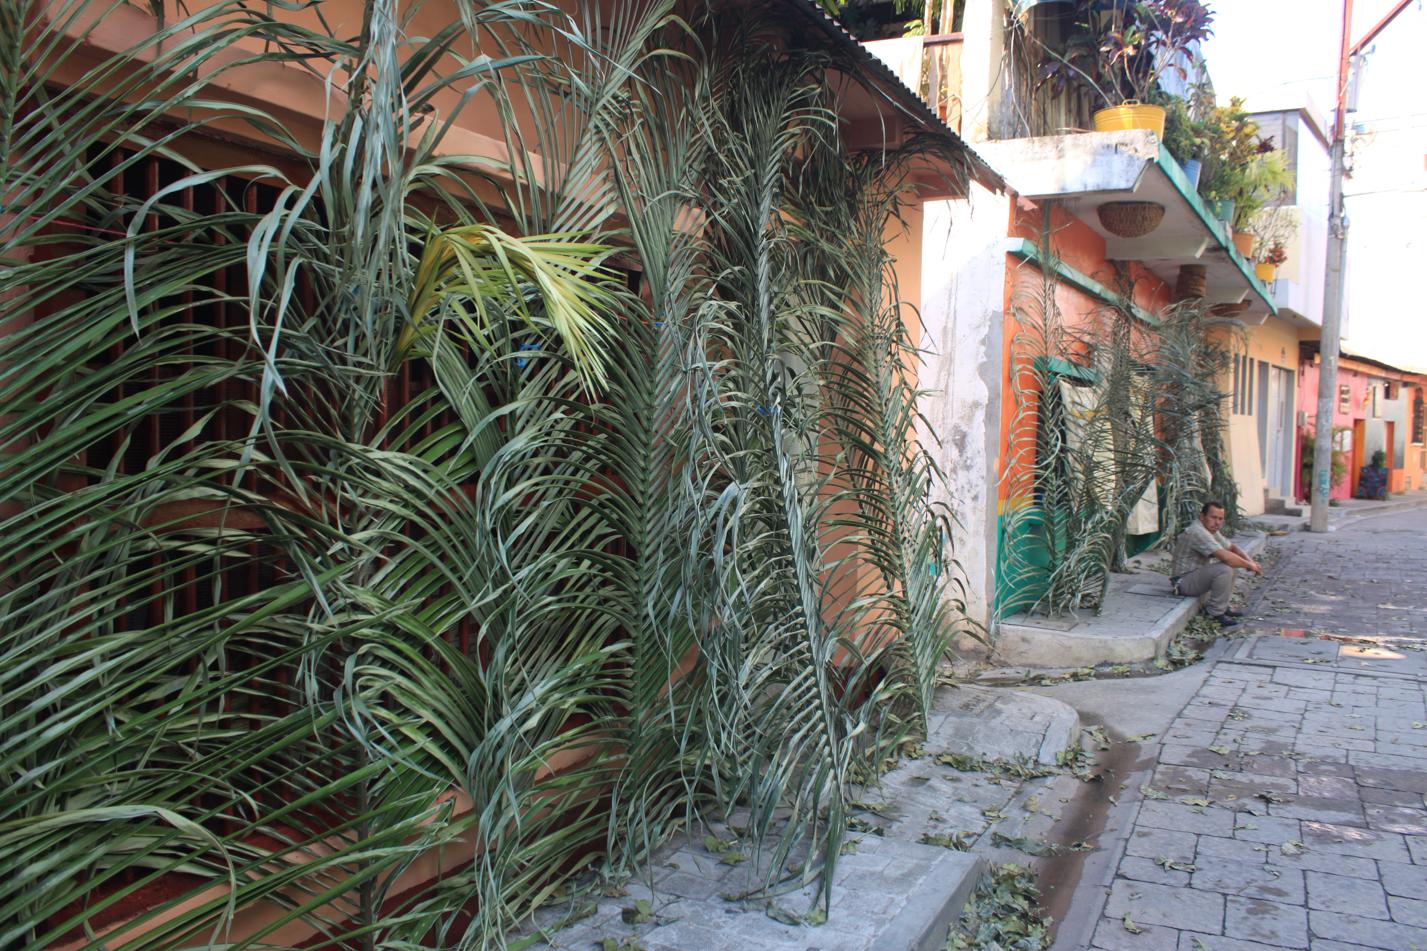 Am Palmensonntag waren die Straßen von Flores gesäumt mit Palmenblättern.